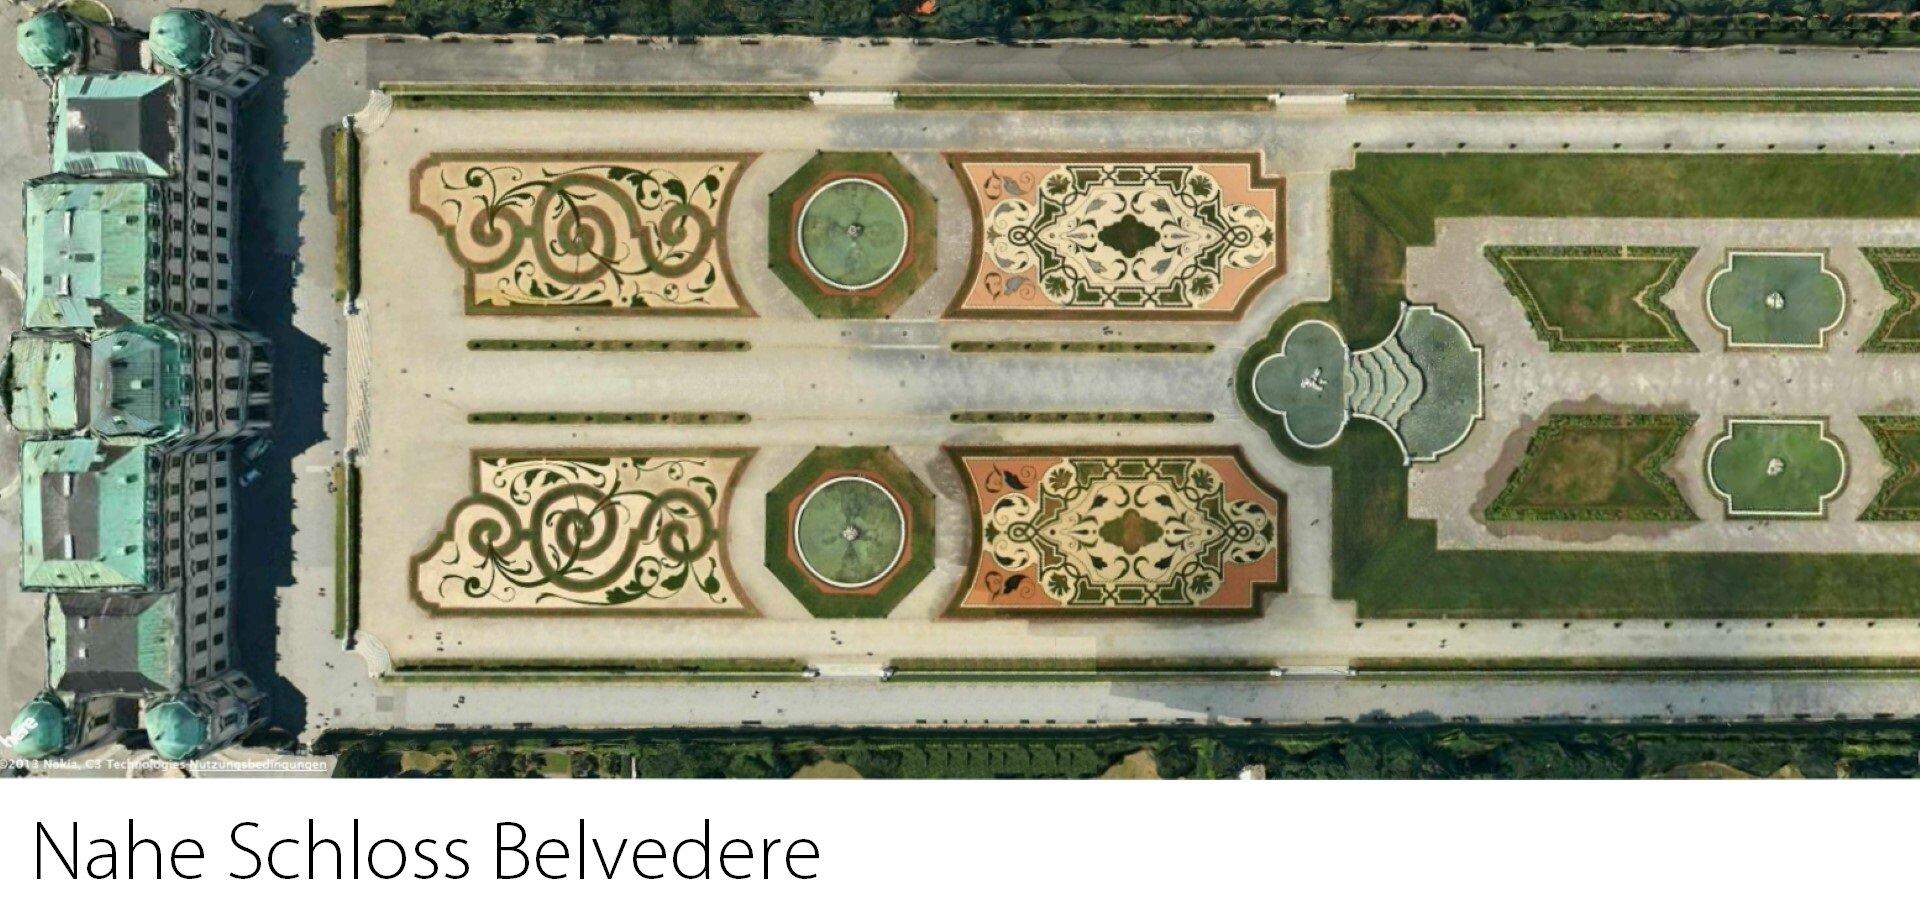 Nahe Schloss Belvedere